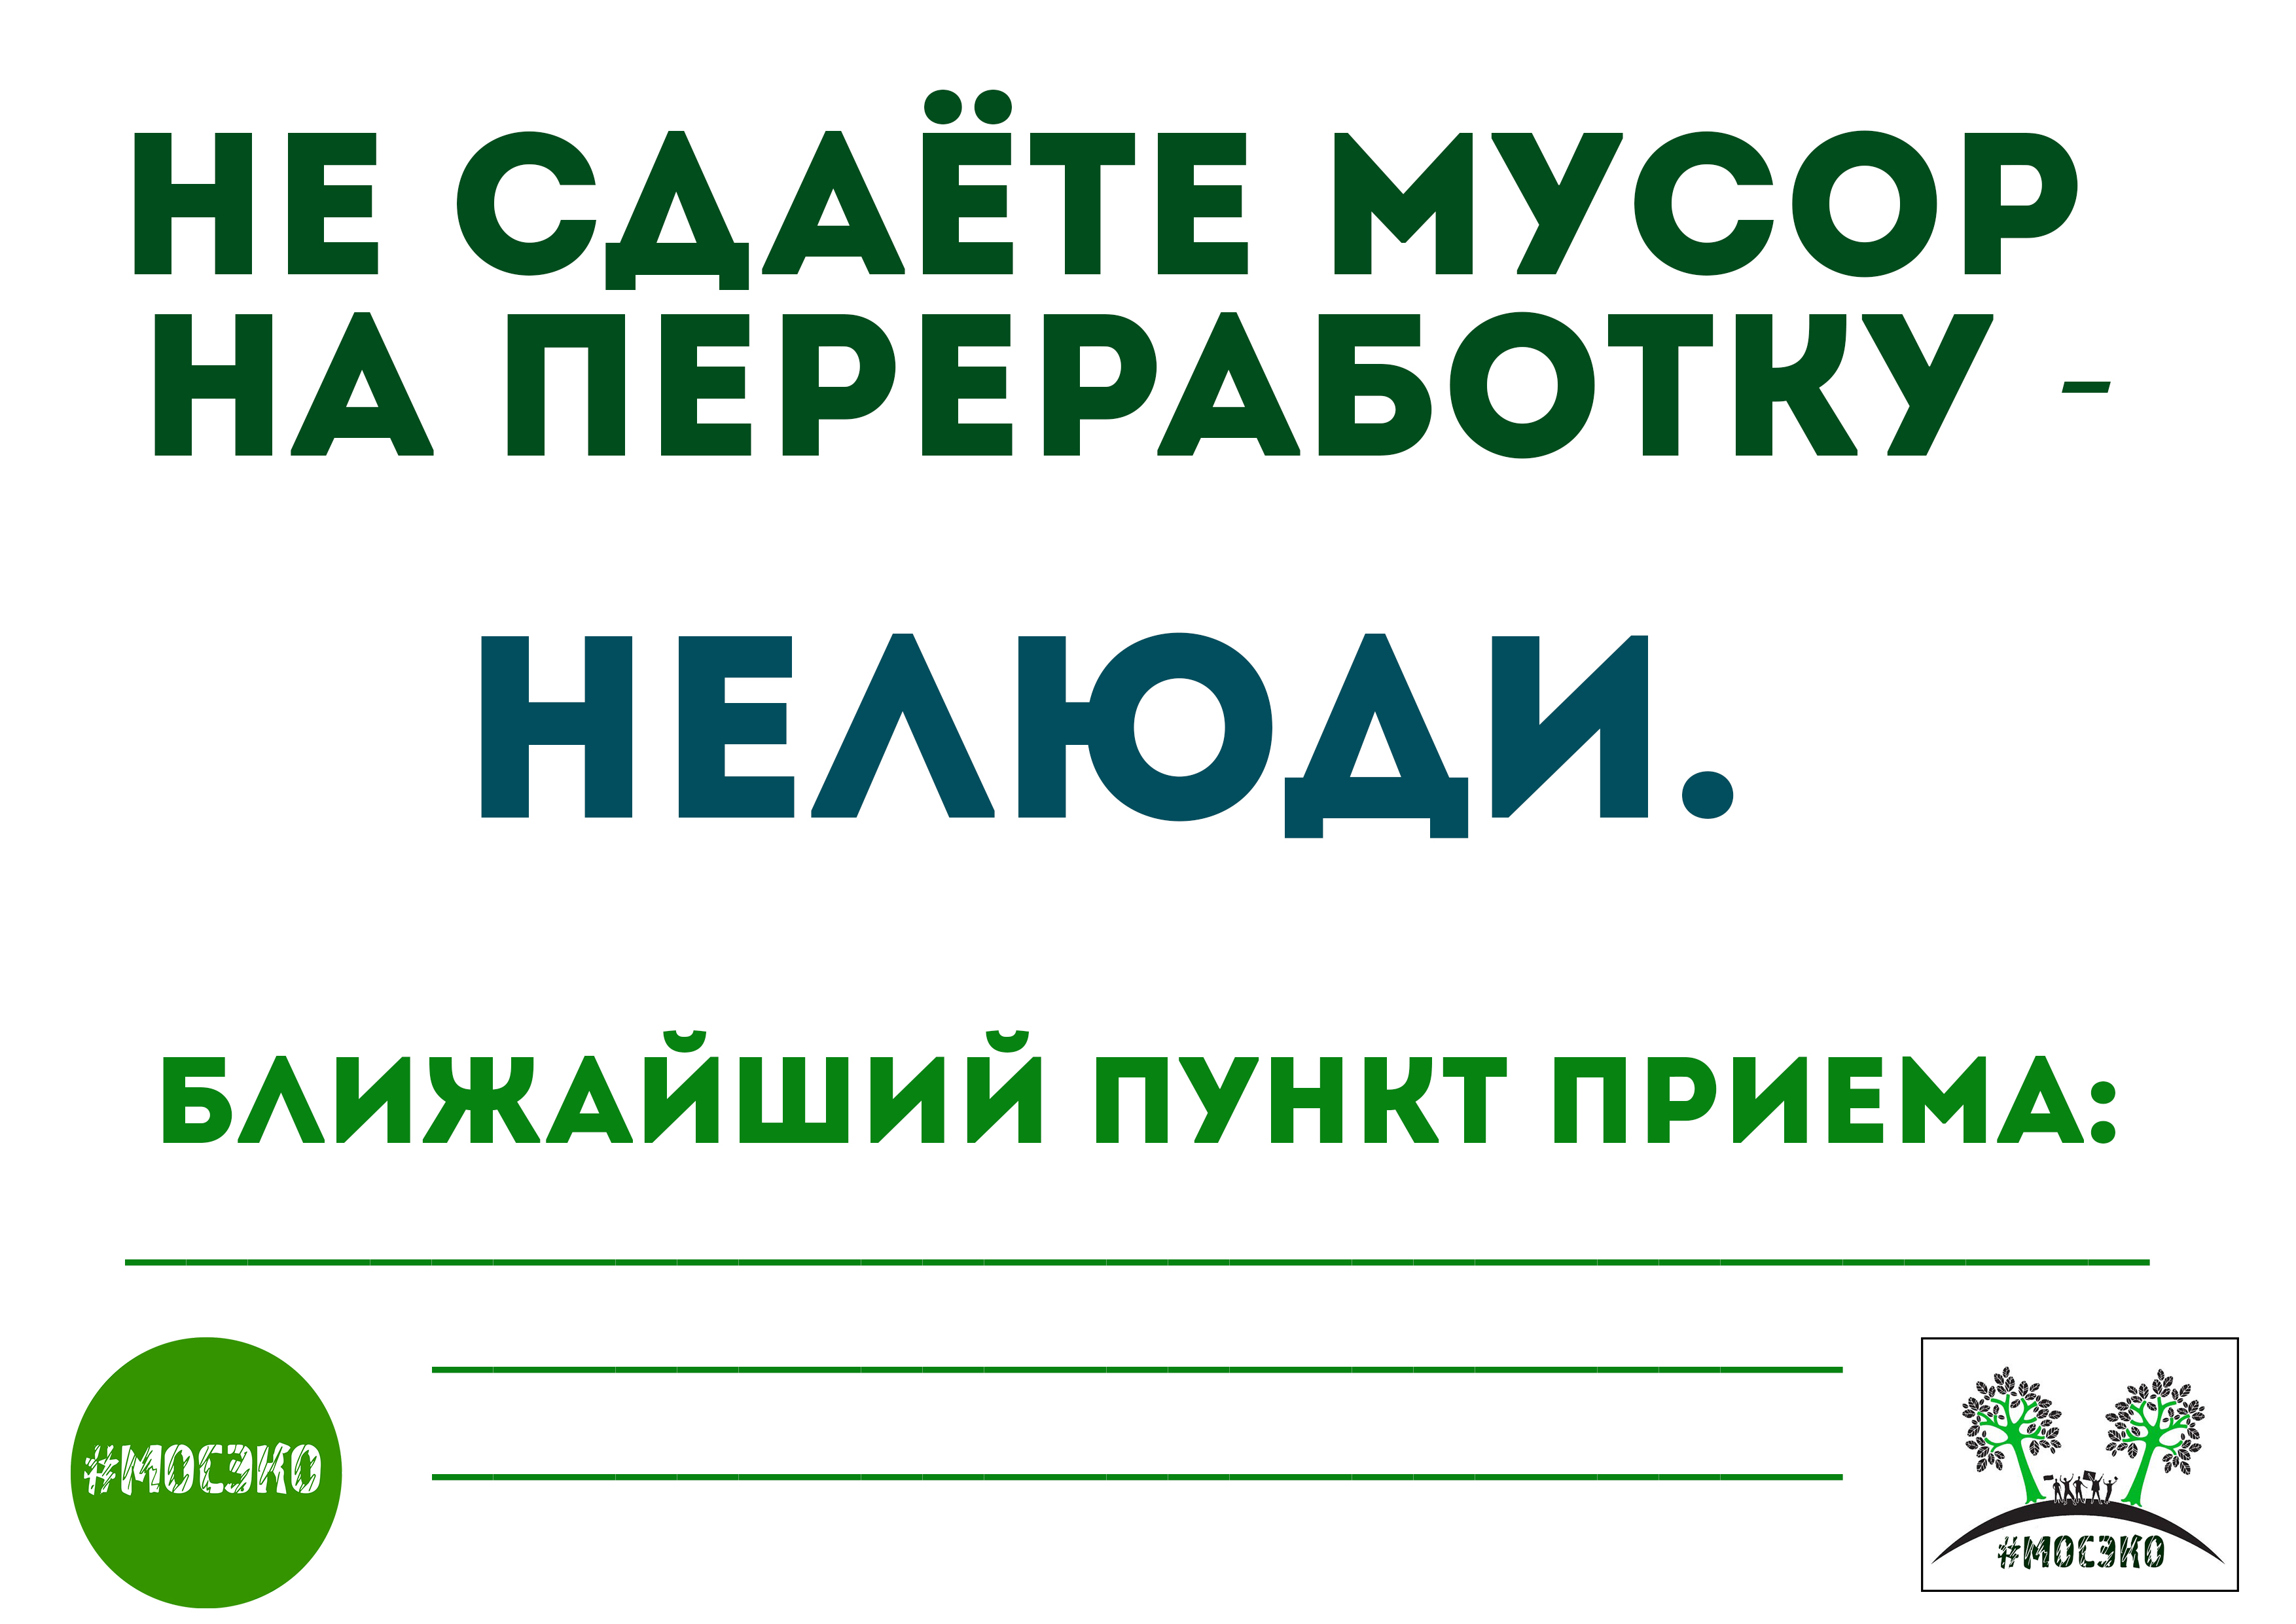 Slogans5_full